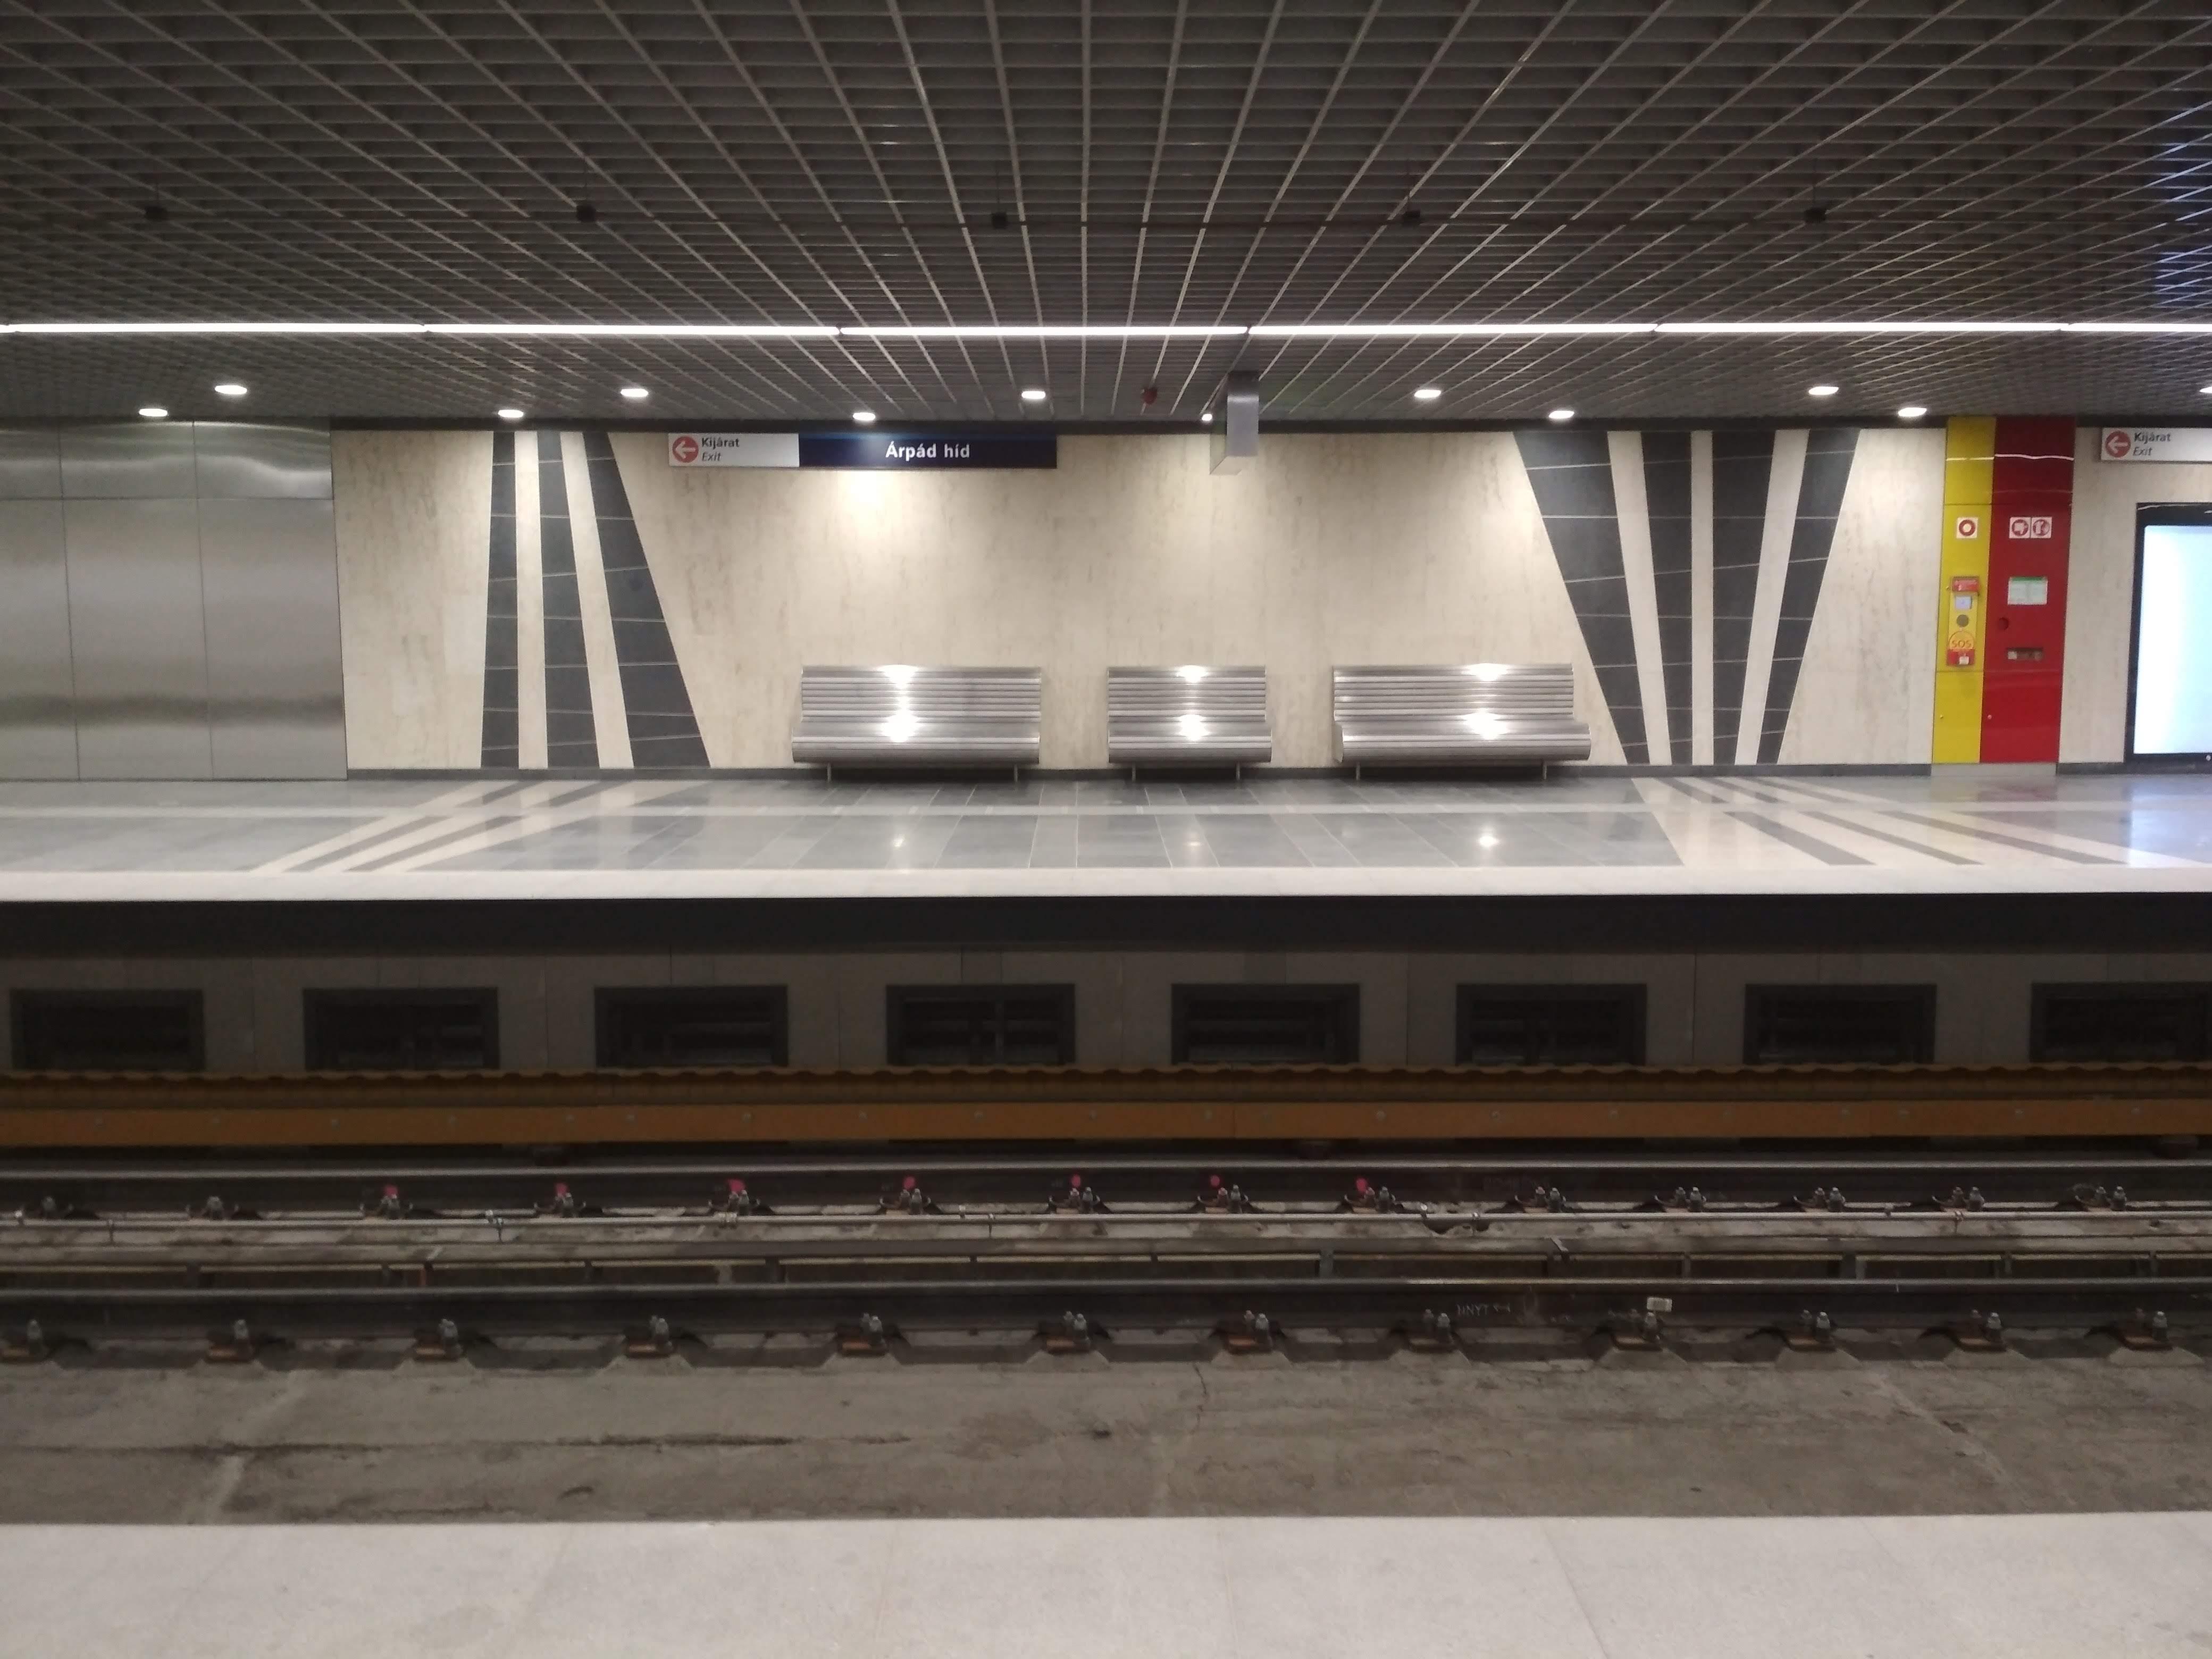 A padló és a falak burkolatai tartósságot sugallnak, és a rozsdamentes acél padok is jól mutatnak az állomáson. A falra felfutó burkolati minták szerintem nem sokat adnak hozzá az állomás értékéhez, de ez legyen a legnagyobb baj.